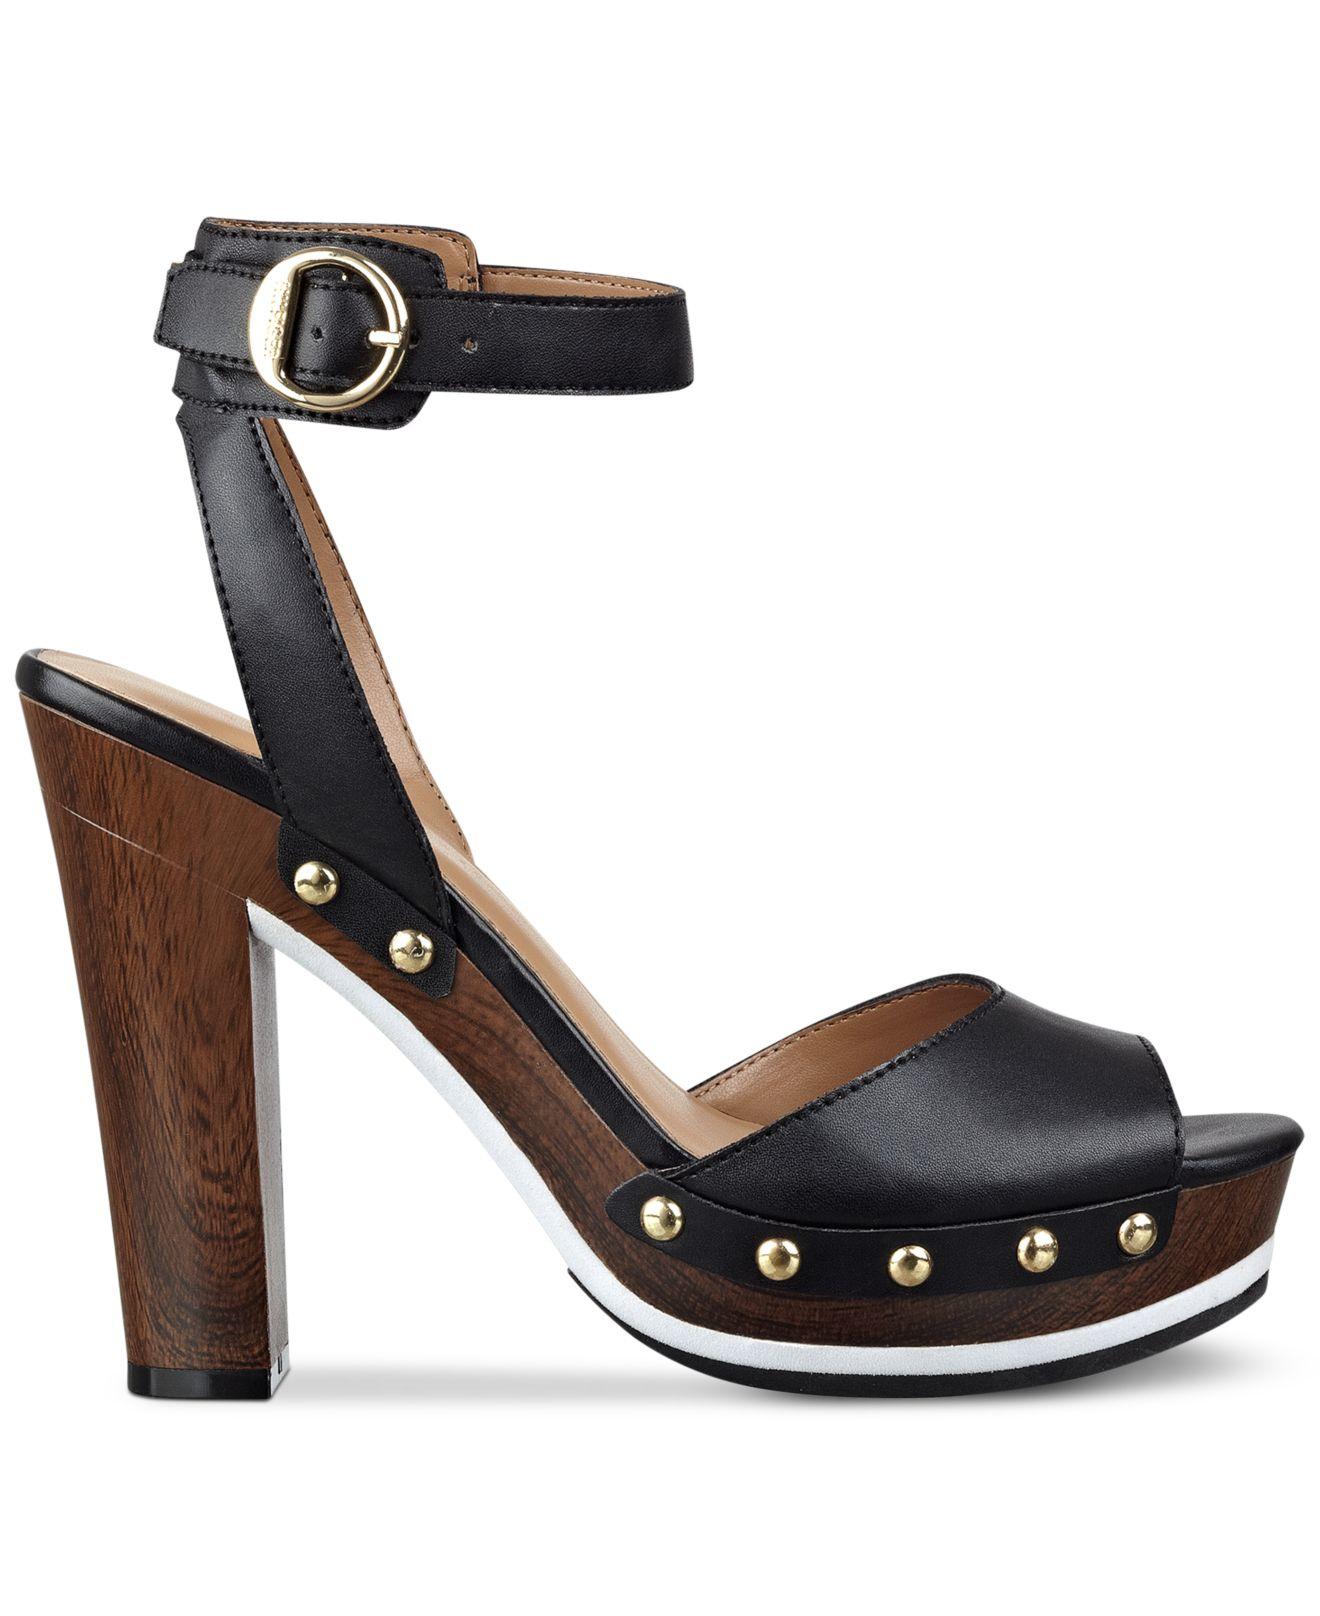 8af3e9ed39c Lyst - Tommy Hilfiger Wendel Platform Dress Sandals in Black